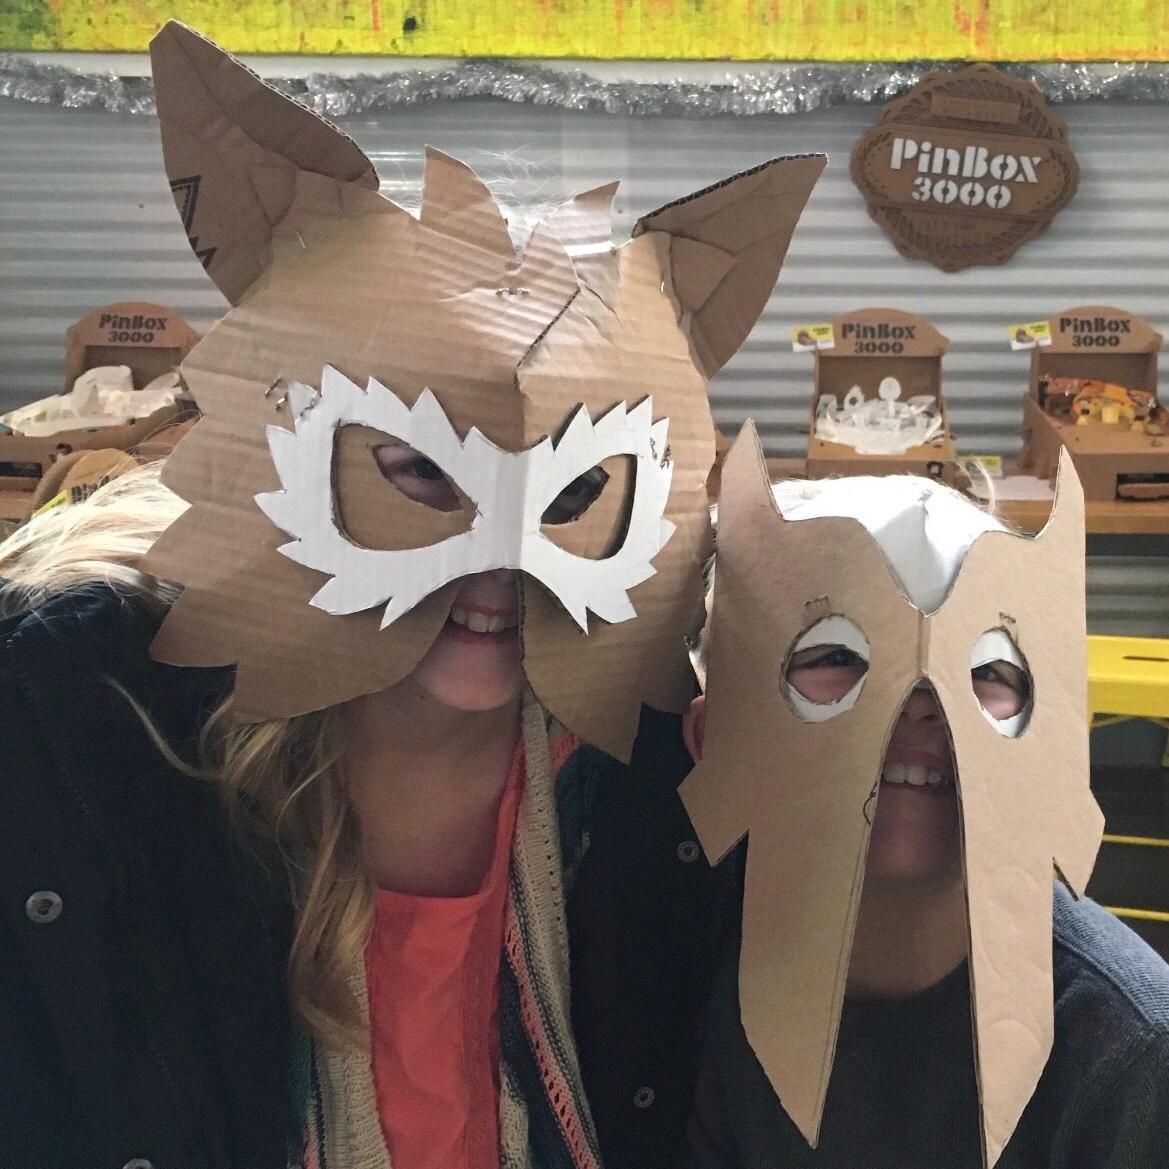 People wearing fancy cardboard masks.